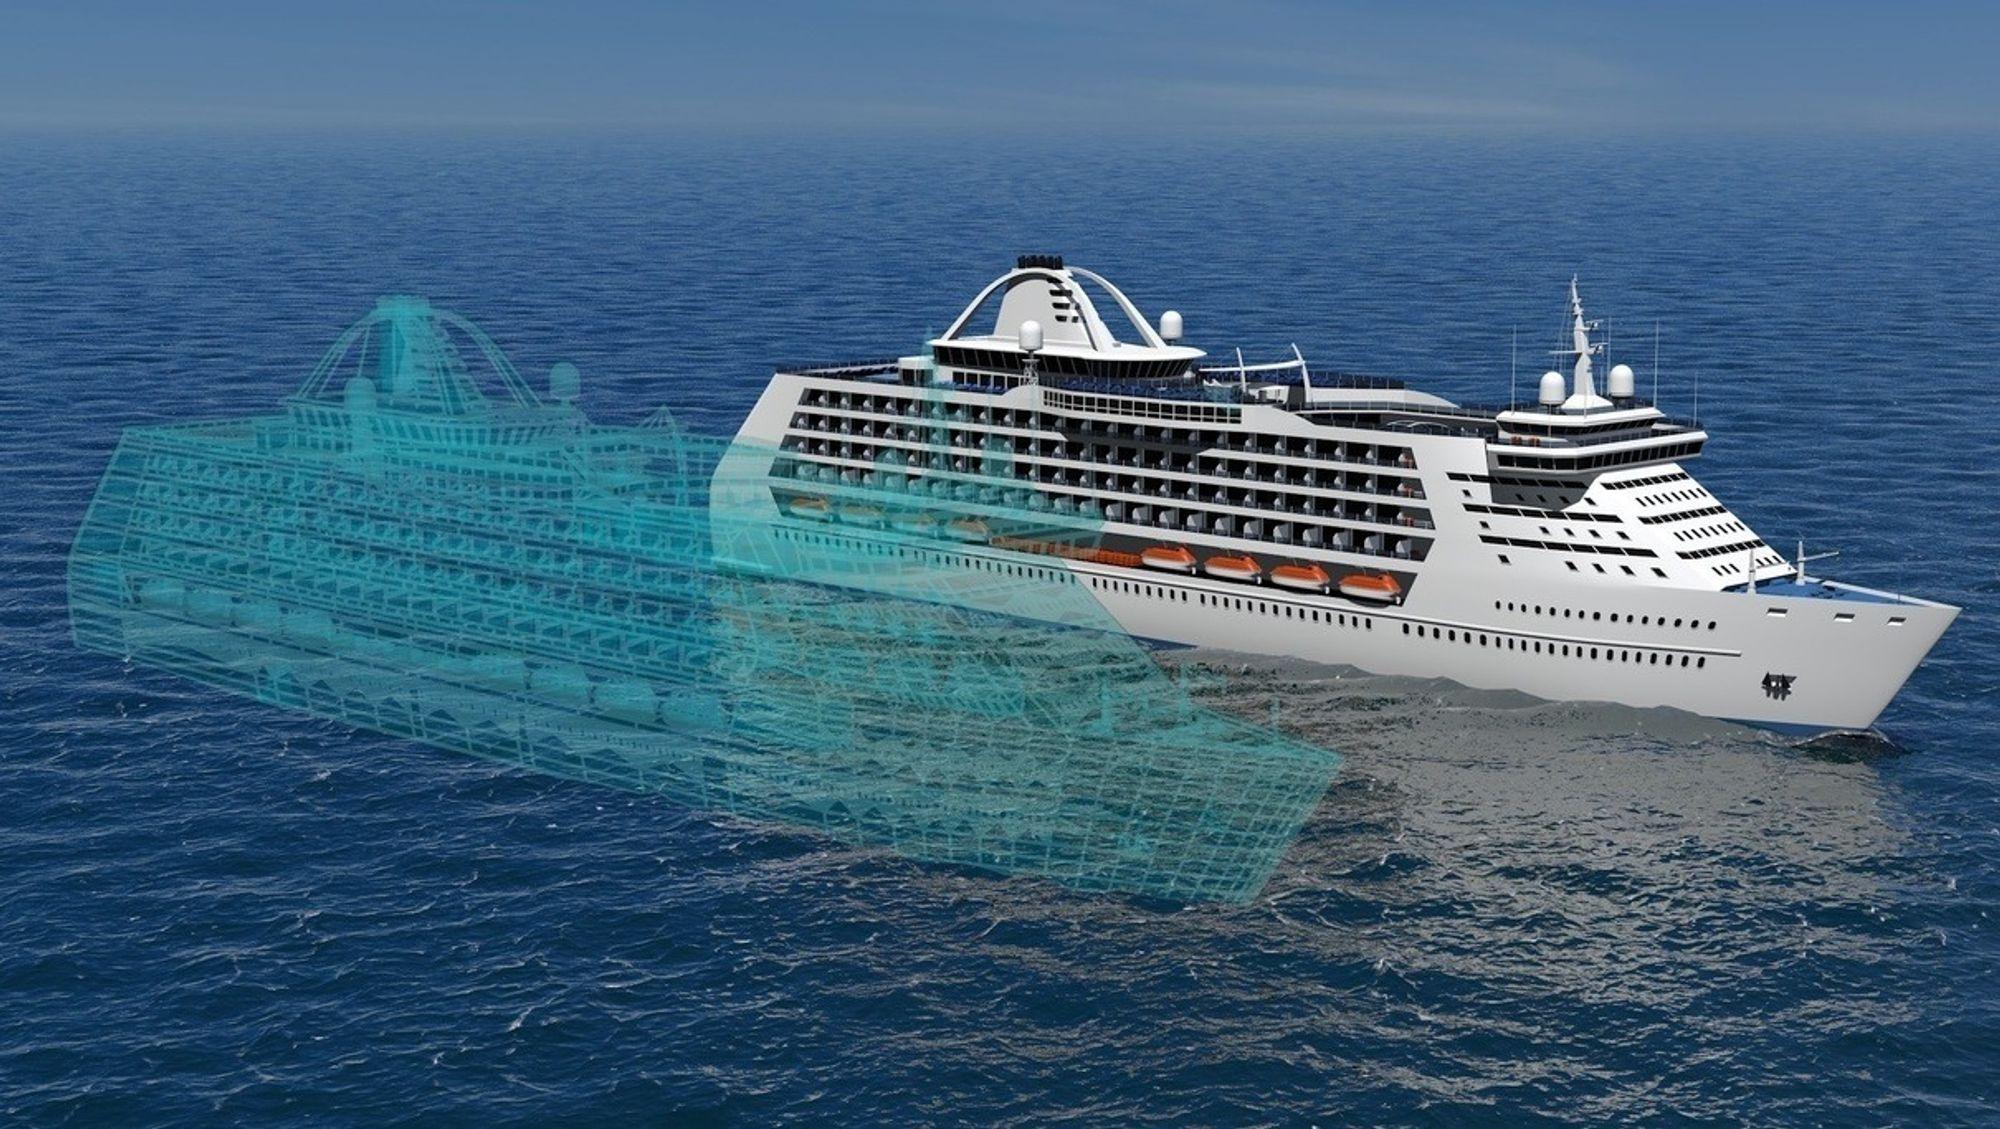 ANNONSE: Neste generasjons digitale tvillinger: Slik skal de redusere ulykker og utslipp i skipsfarten